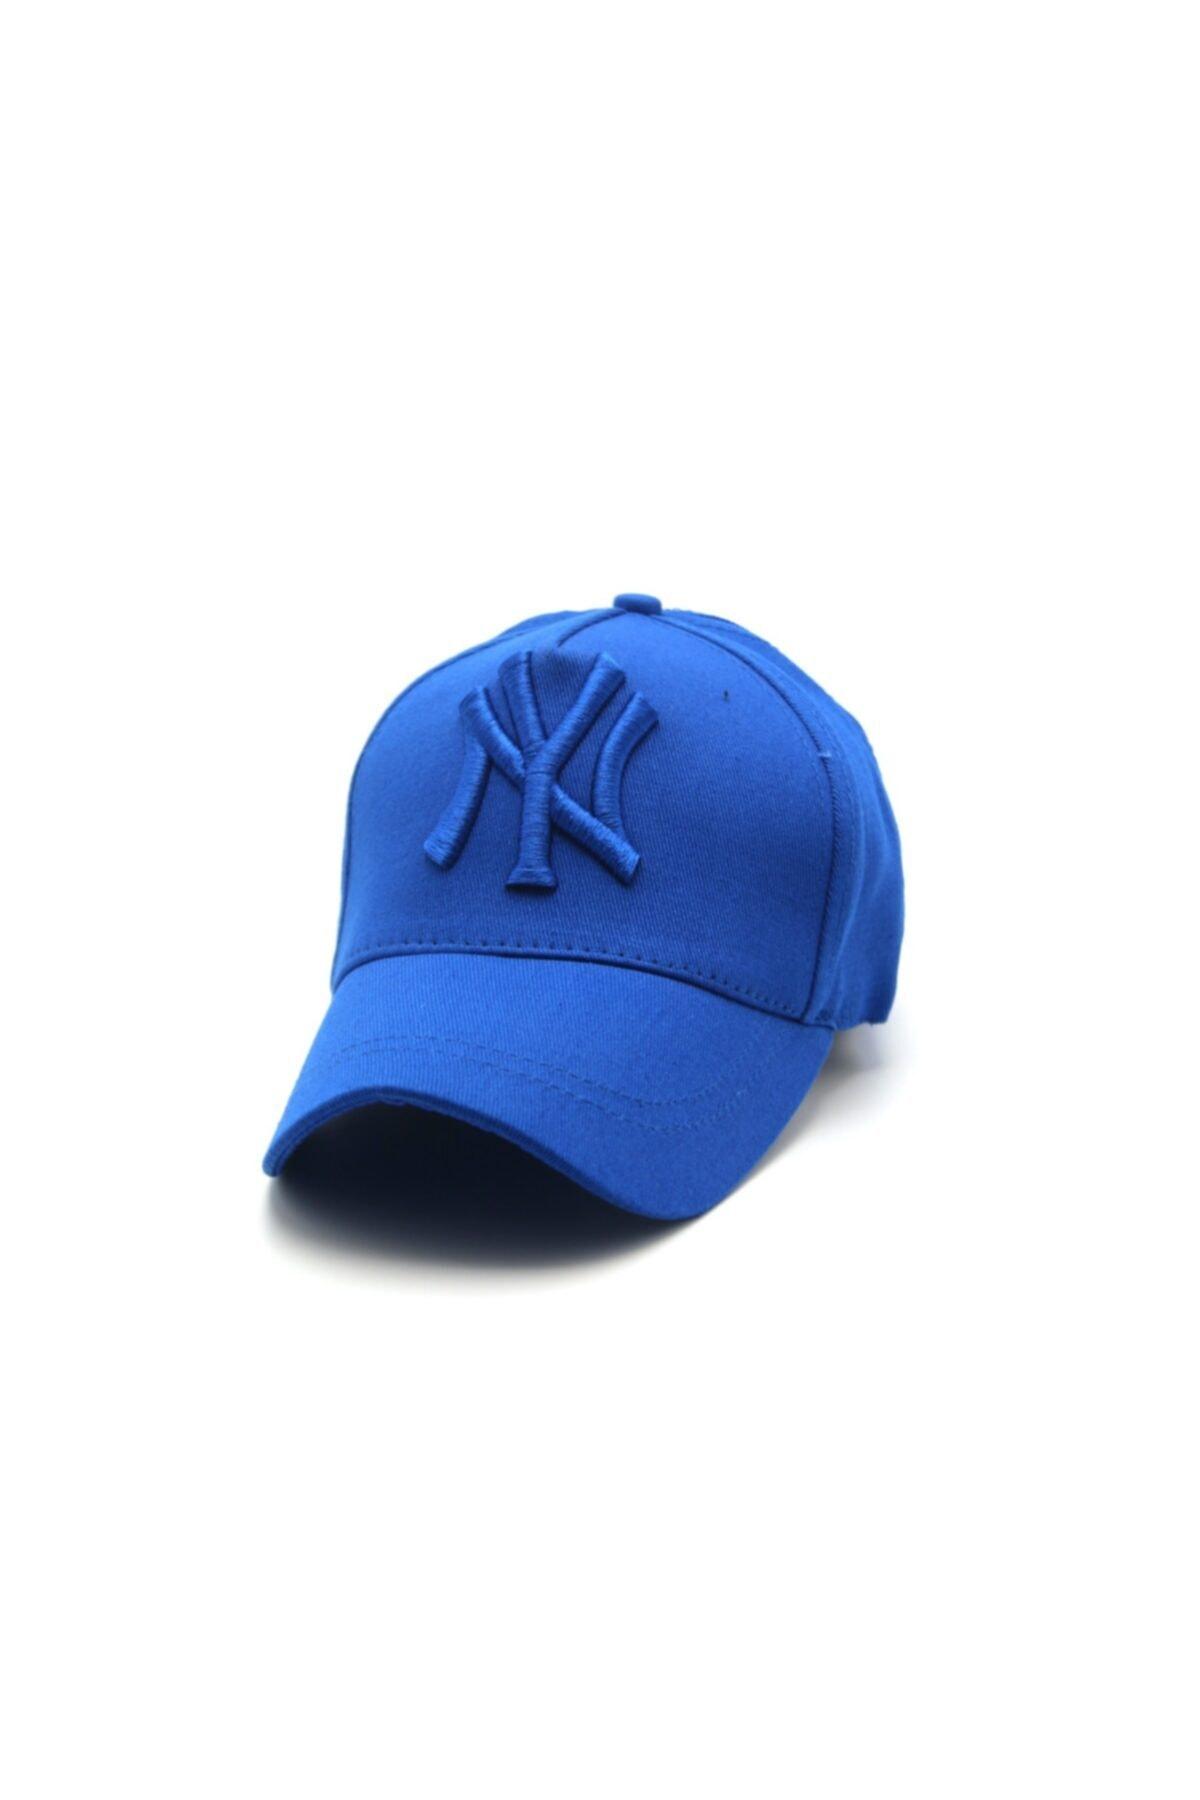 فروش کلاه مردانه ترک مجلسی Elif Butik رنگ آبی کد ty95341778